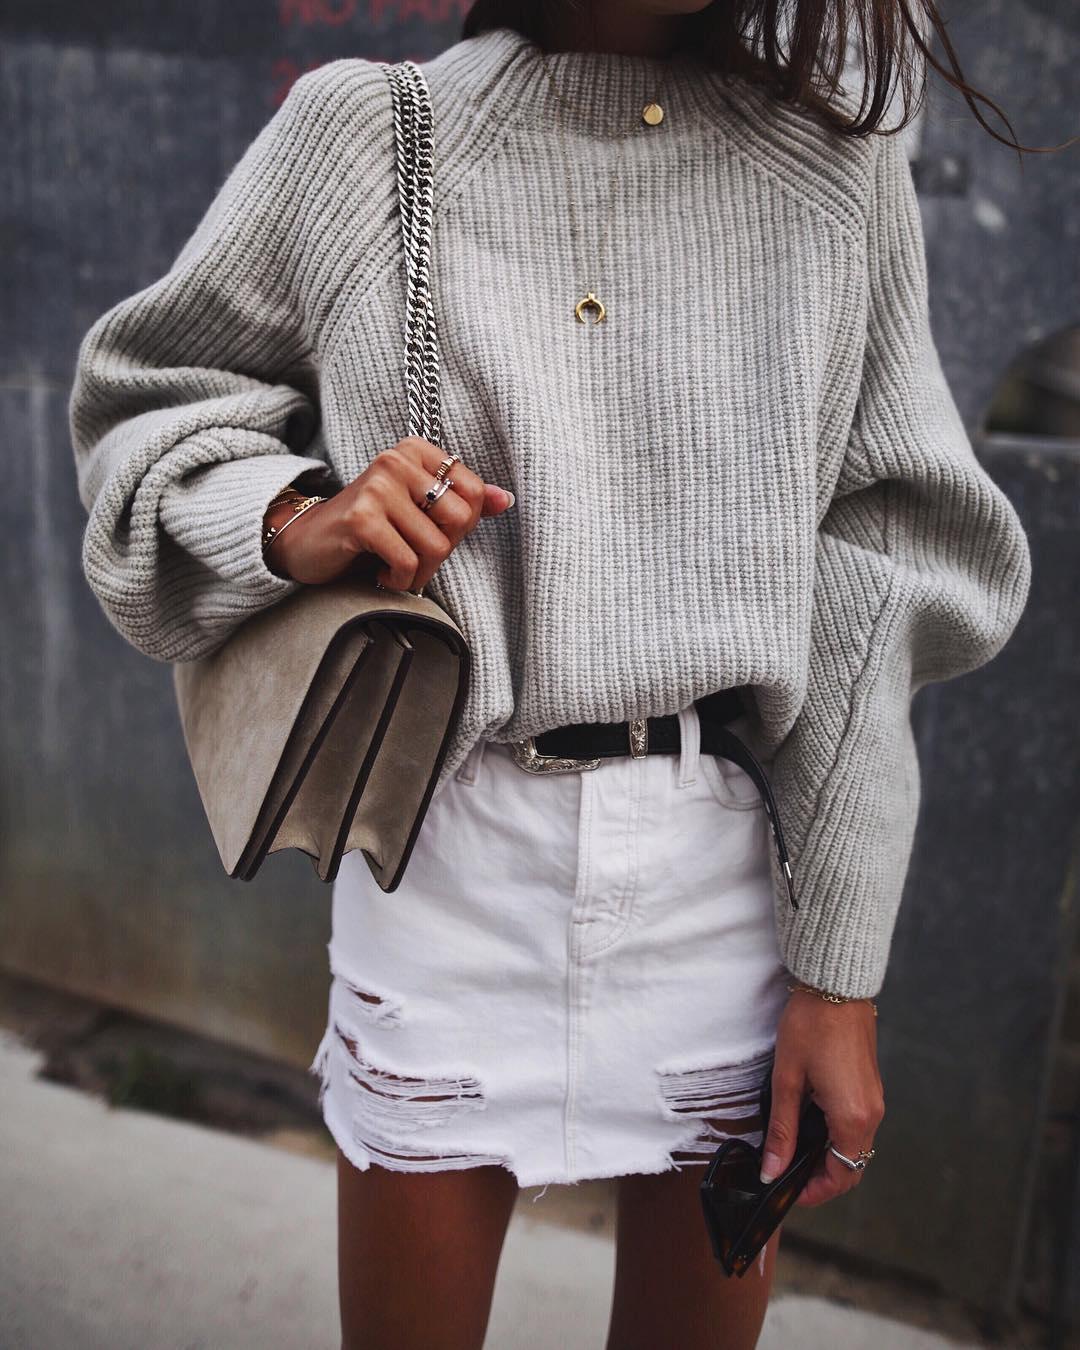 Ինչի հետ կրել այս սեզոնի թրենդը համարվող սվիտերները (լուսանկարներ)